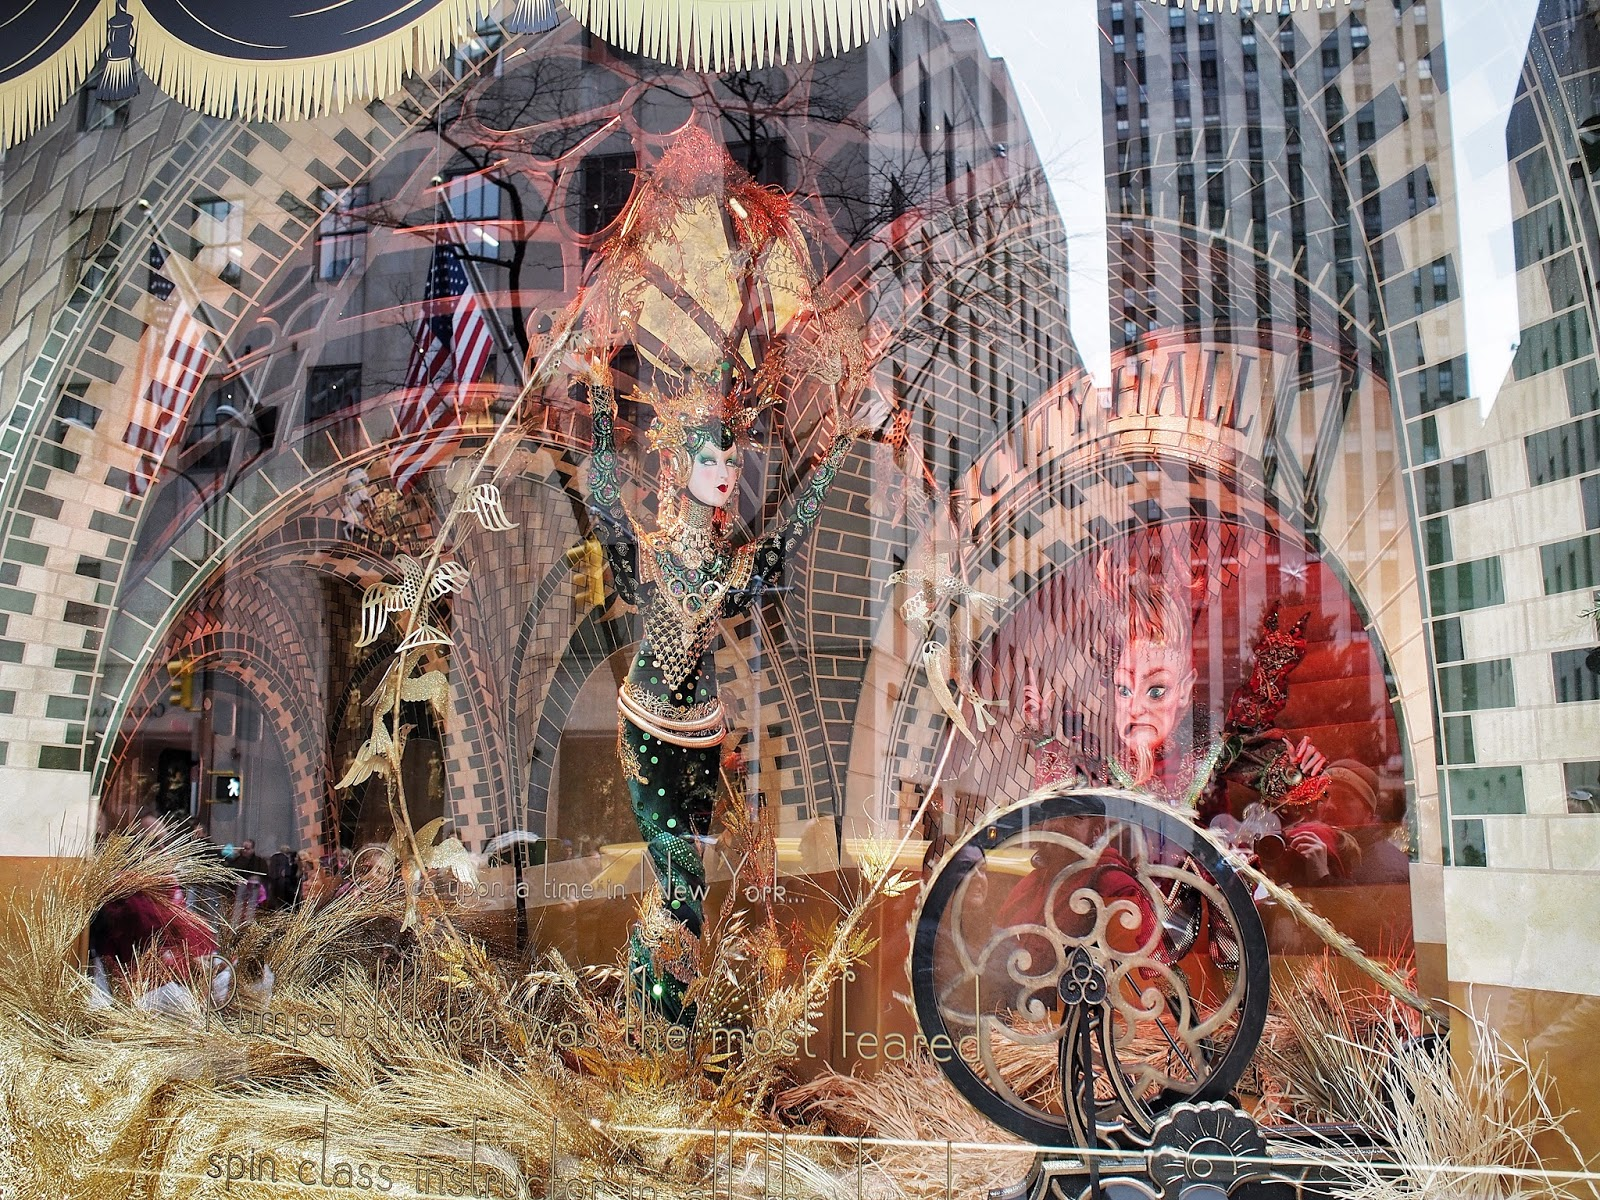 Spinning Gold #spinninggold #anenchantedexperience #saksholiday #saks #nyc ©2014 Nancy Lundebjerg